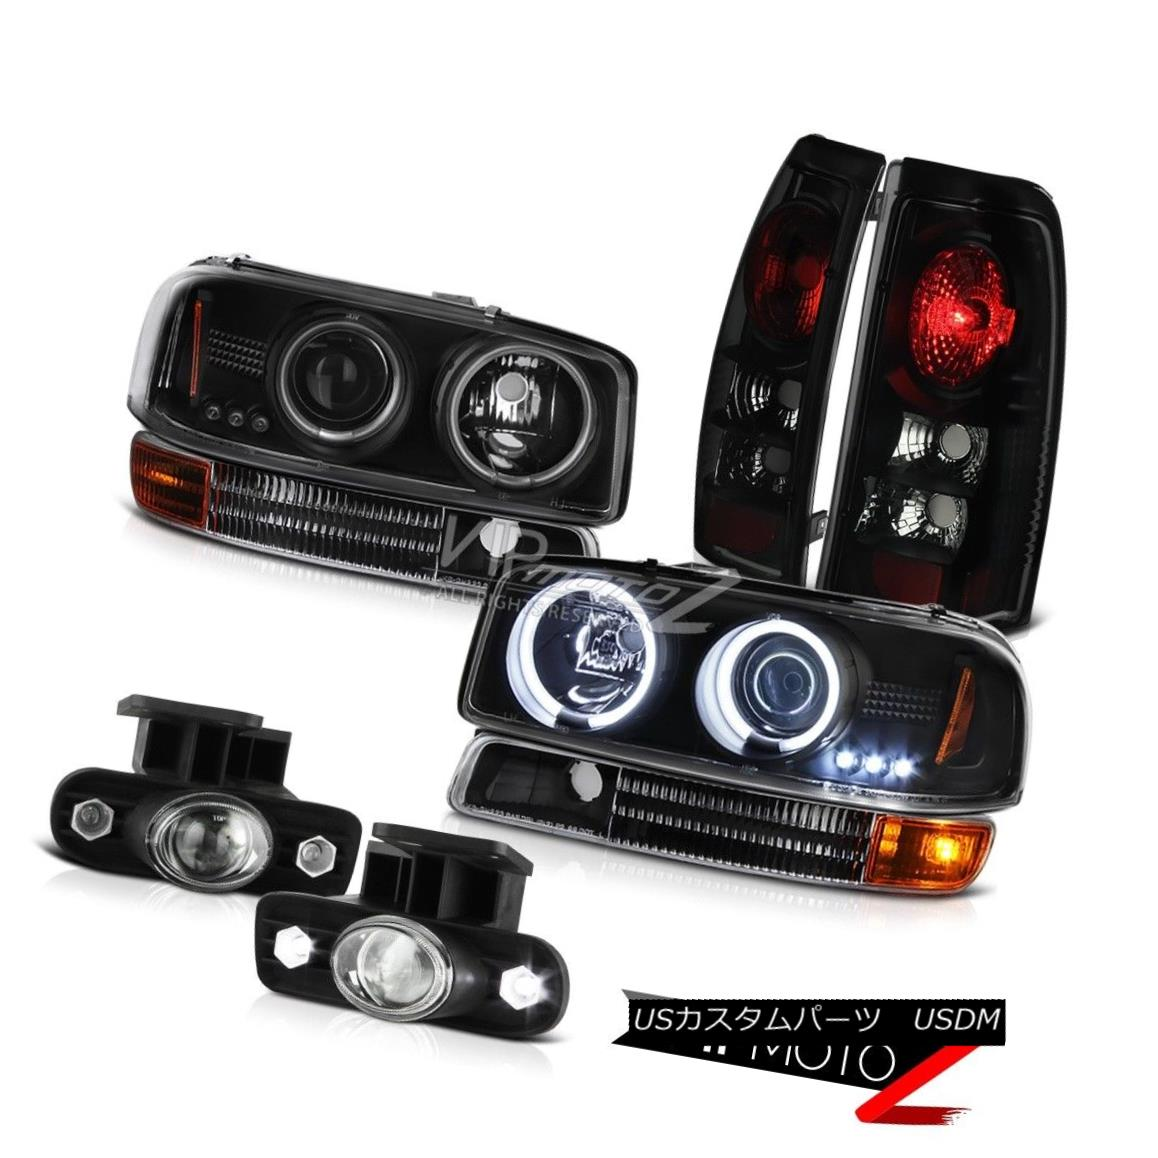 ヘッドライト CCFL Halo Headlights Signal Tail Lamps Projector Foglamp 1999-2003 Sierra 2500HD CCFL Haloヘッドライト信号テールランププロジェクターフォグライト1999-2003 Sierra 2500HD